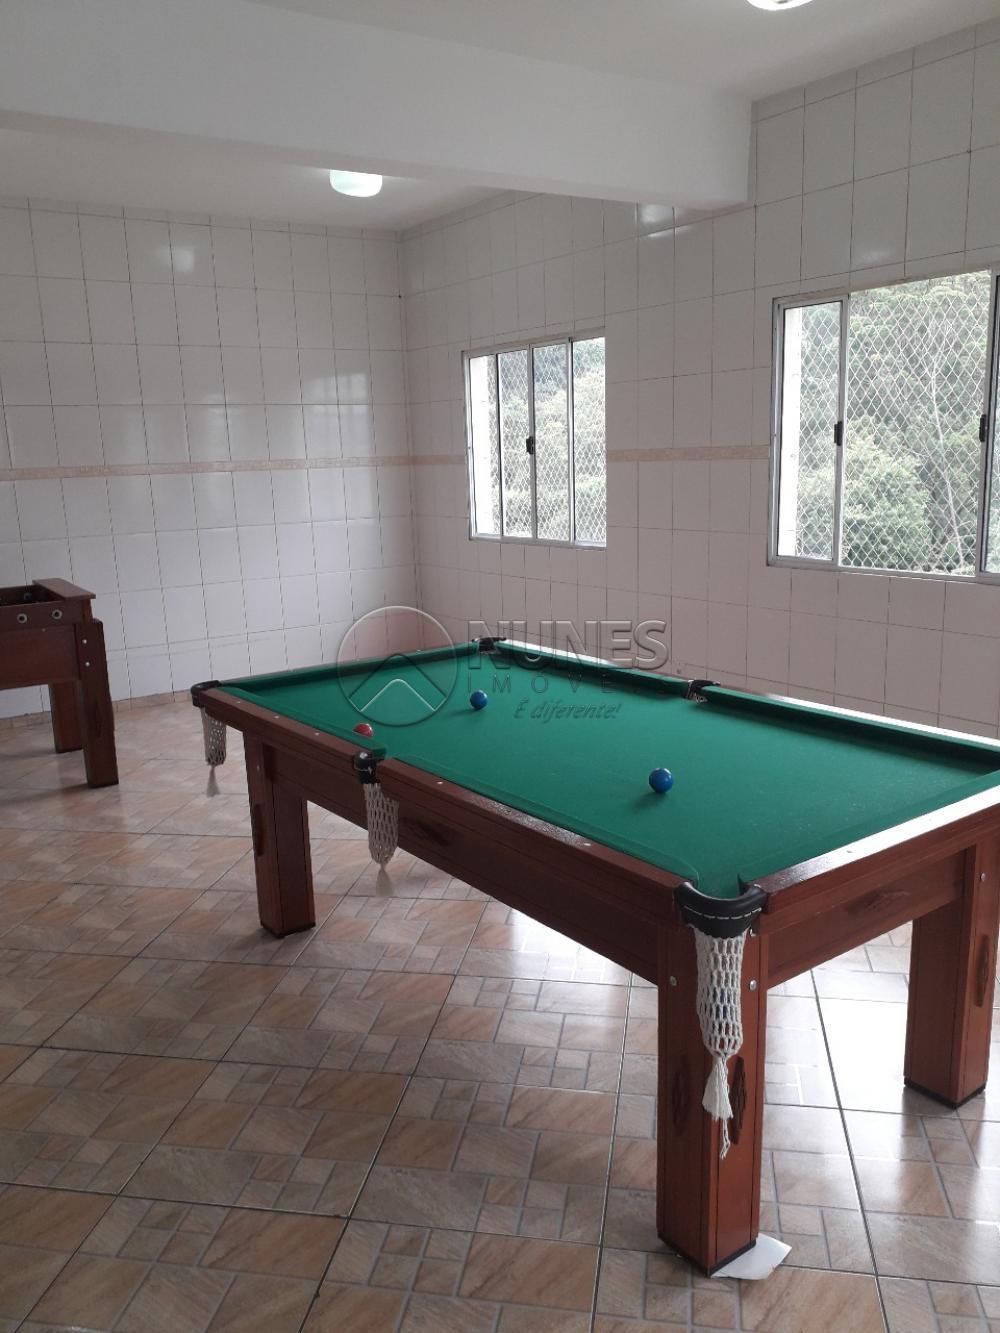 Alugar Casa / Sobrado em Condominio em São Paulo apenas R$ 1.000,00 - Foto 22